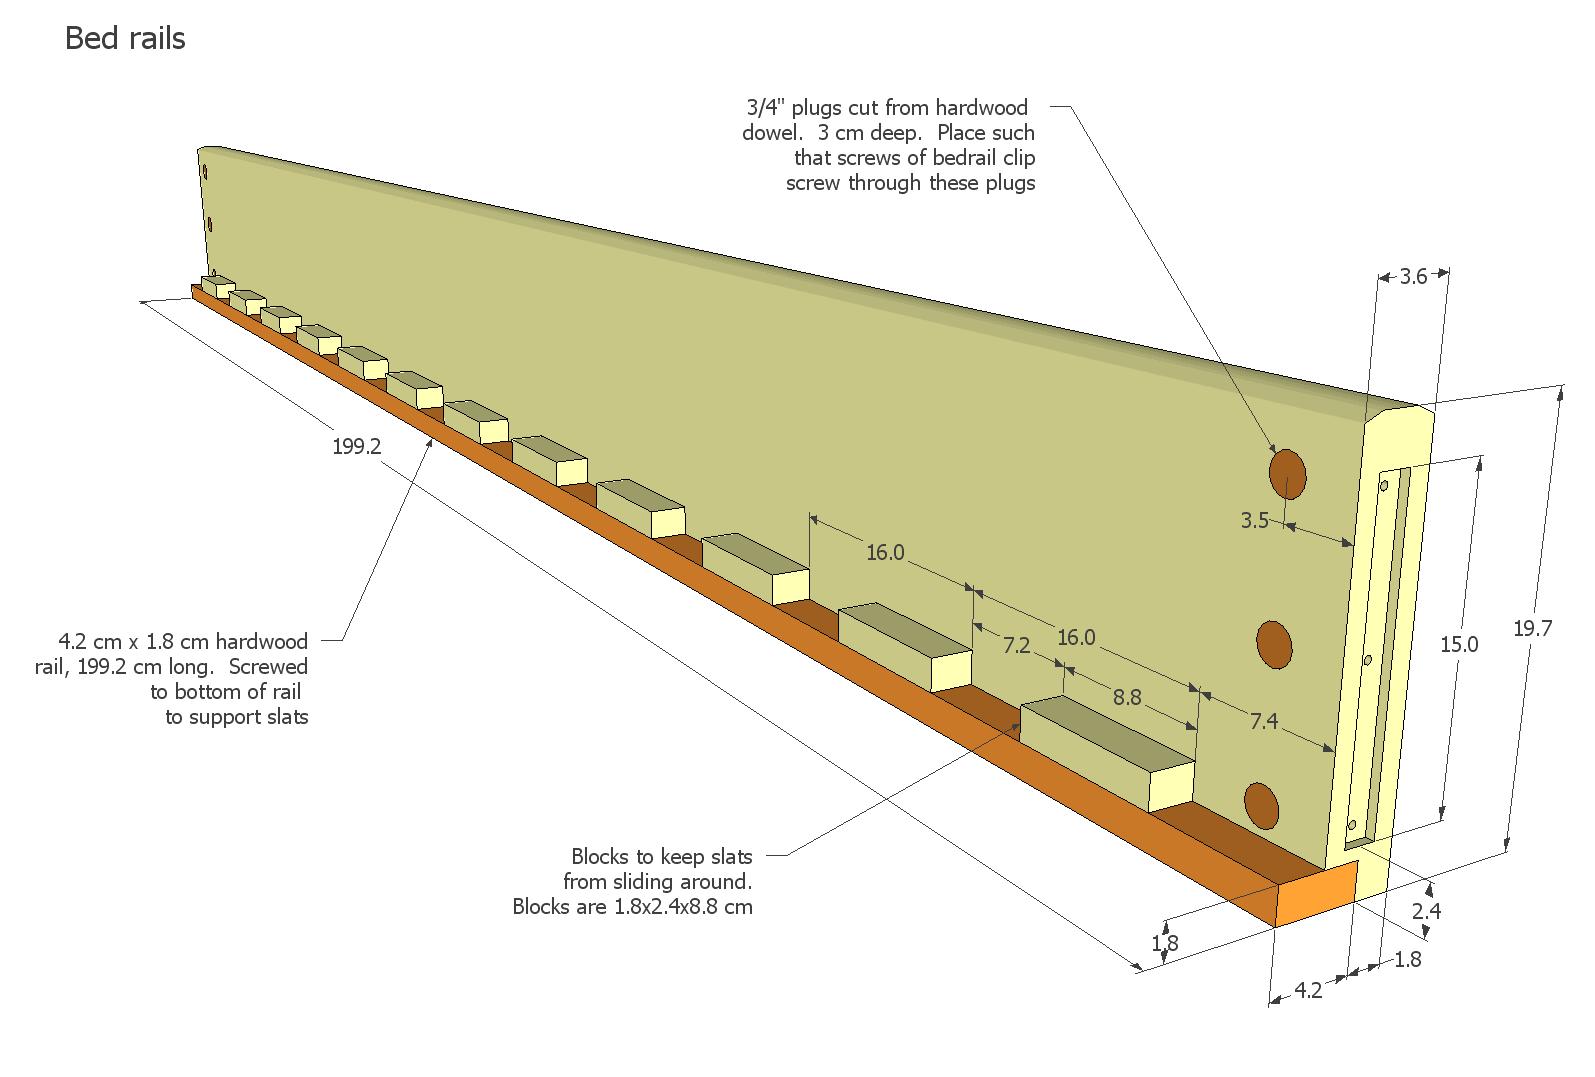 Queen Bed Plans | BED PLANS DIY & BLUEPRINTS